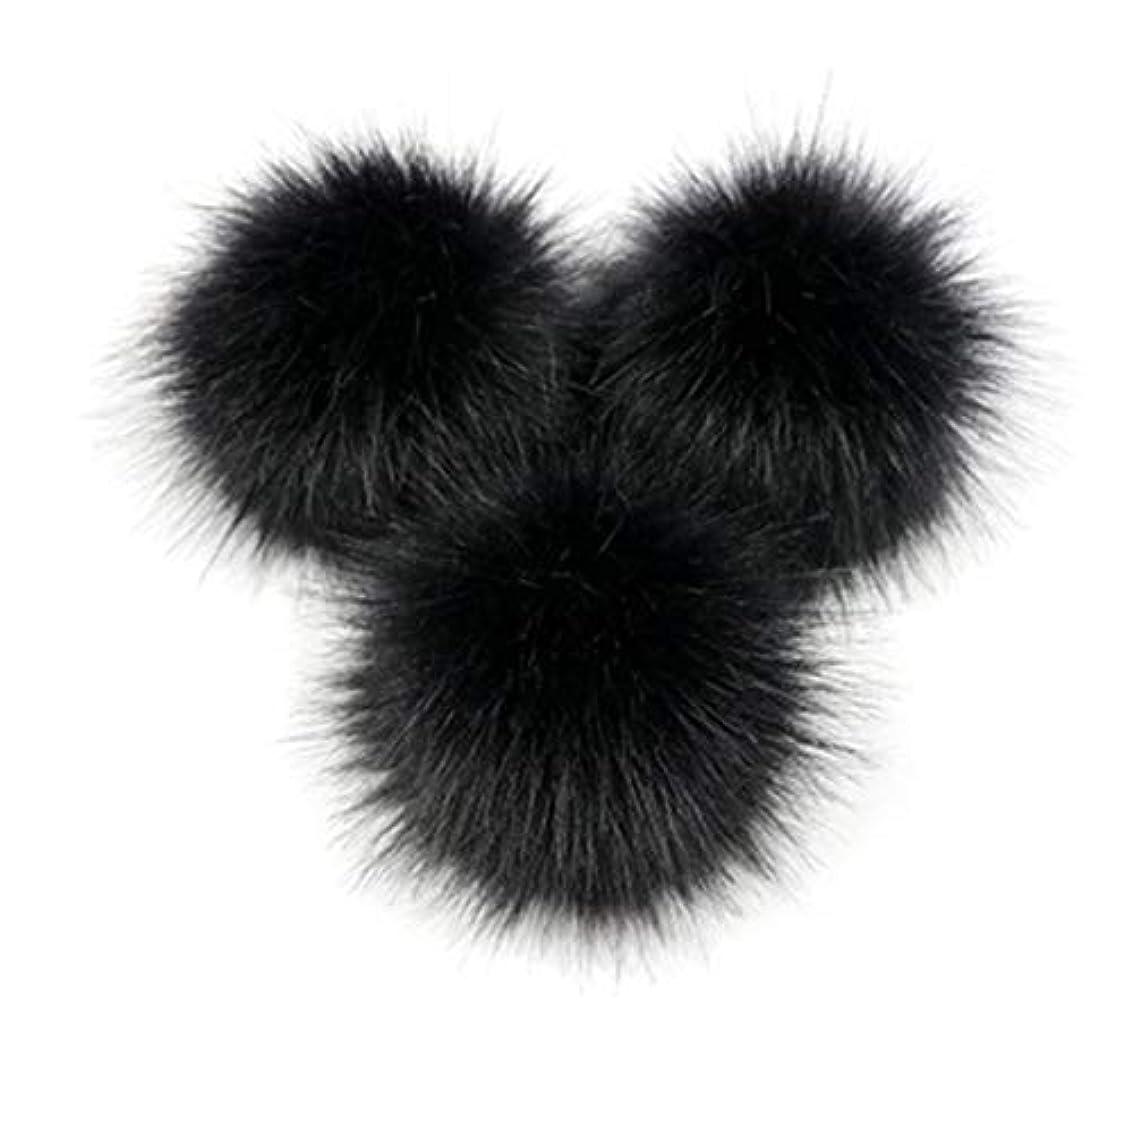 目の前の最大化する上回るKongqiabonaかわいいキツネの毛皮のポンポン取り外し可能な毛皮ふわふわボブルボールでプレスボタン用diy帽子キャップバッグ服靴の装飾